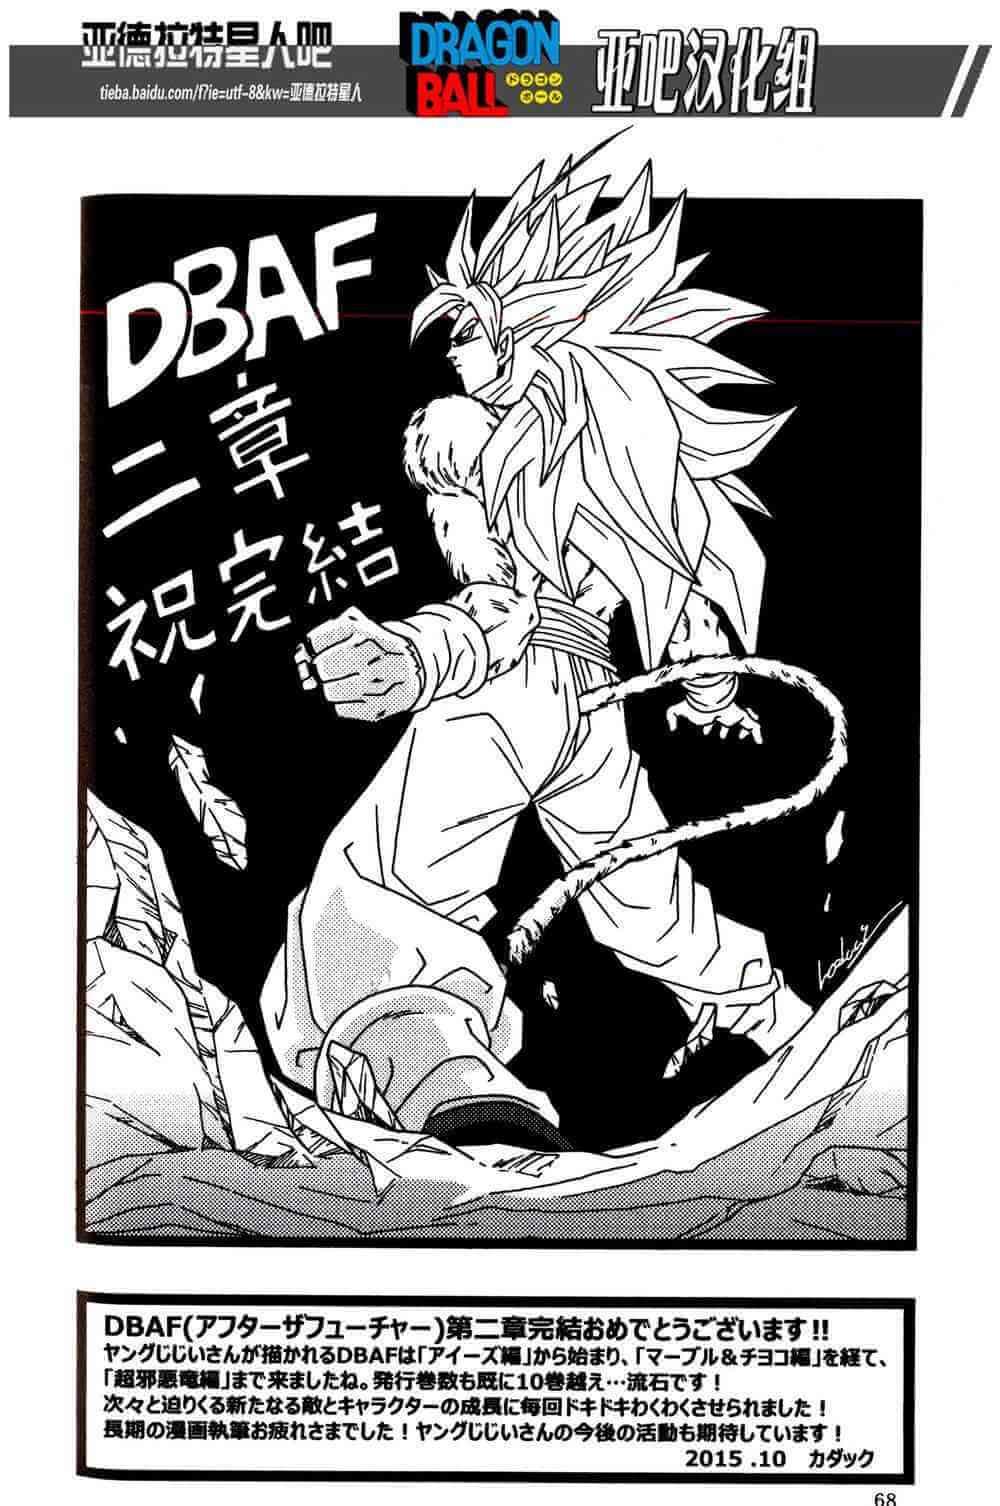 龍珠AF: 17話 - 第68页